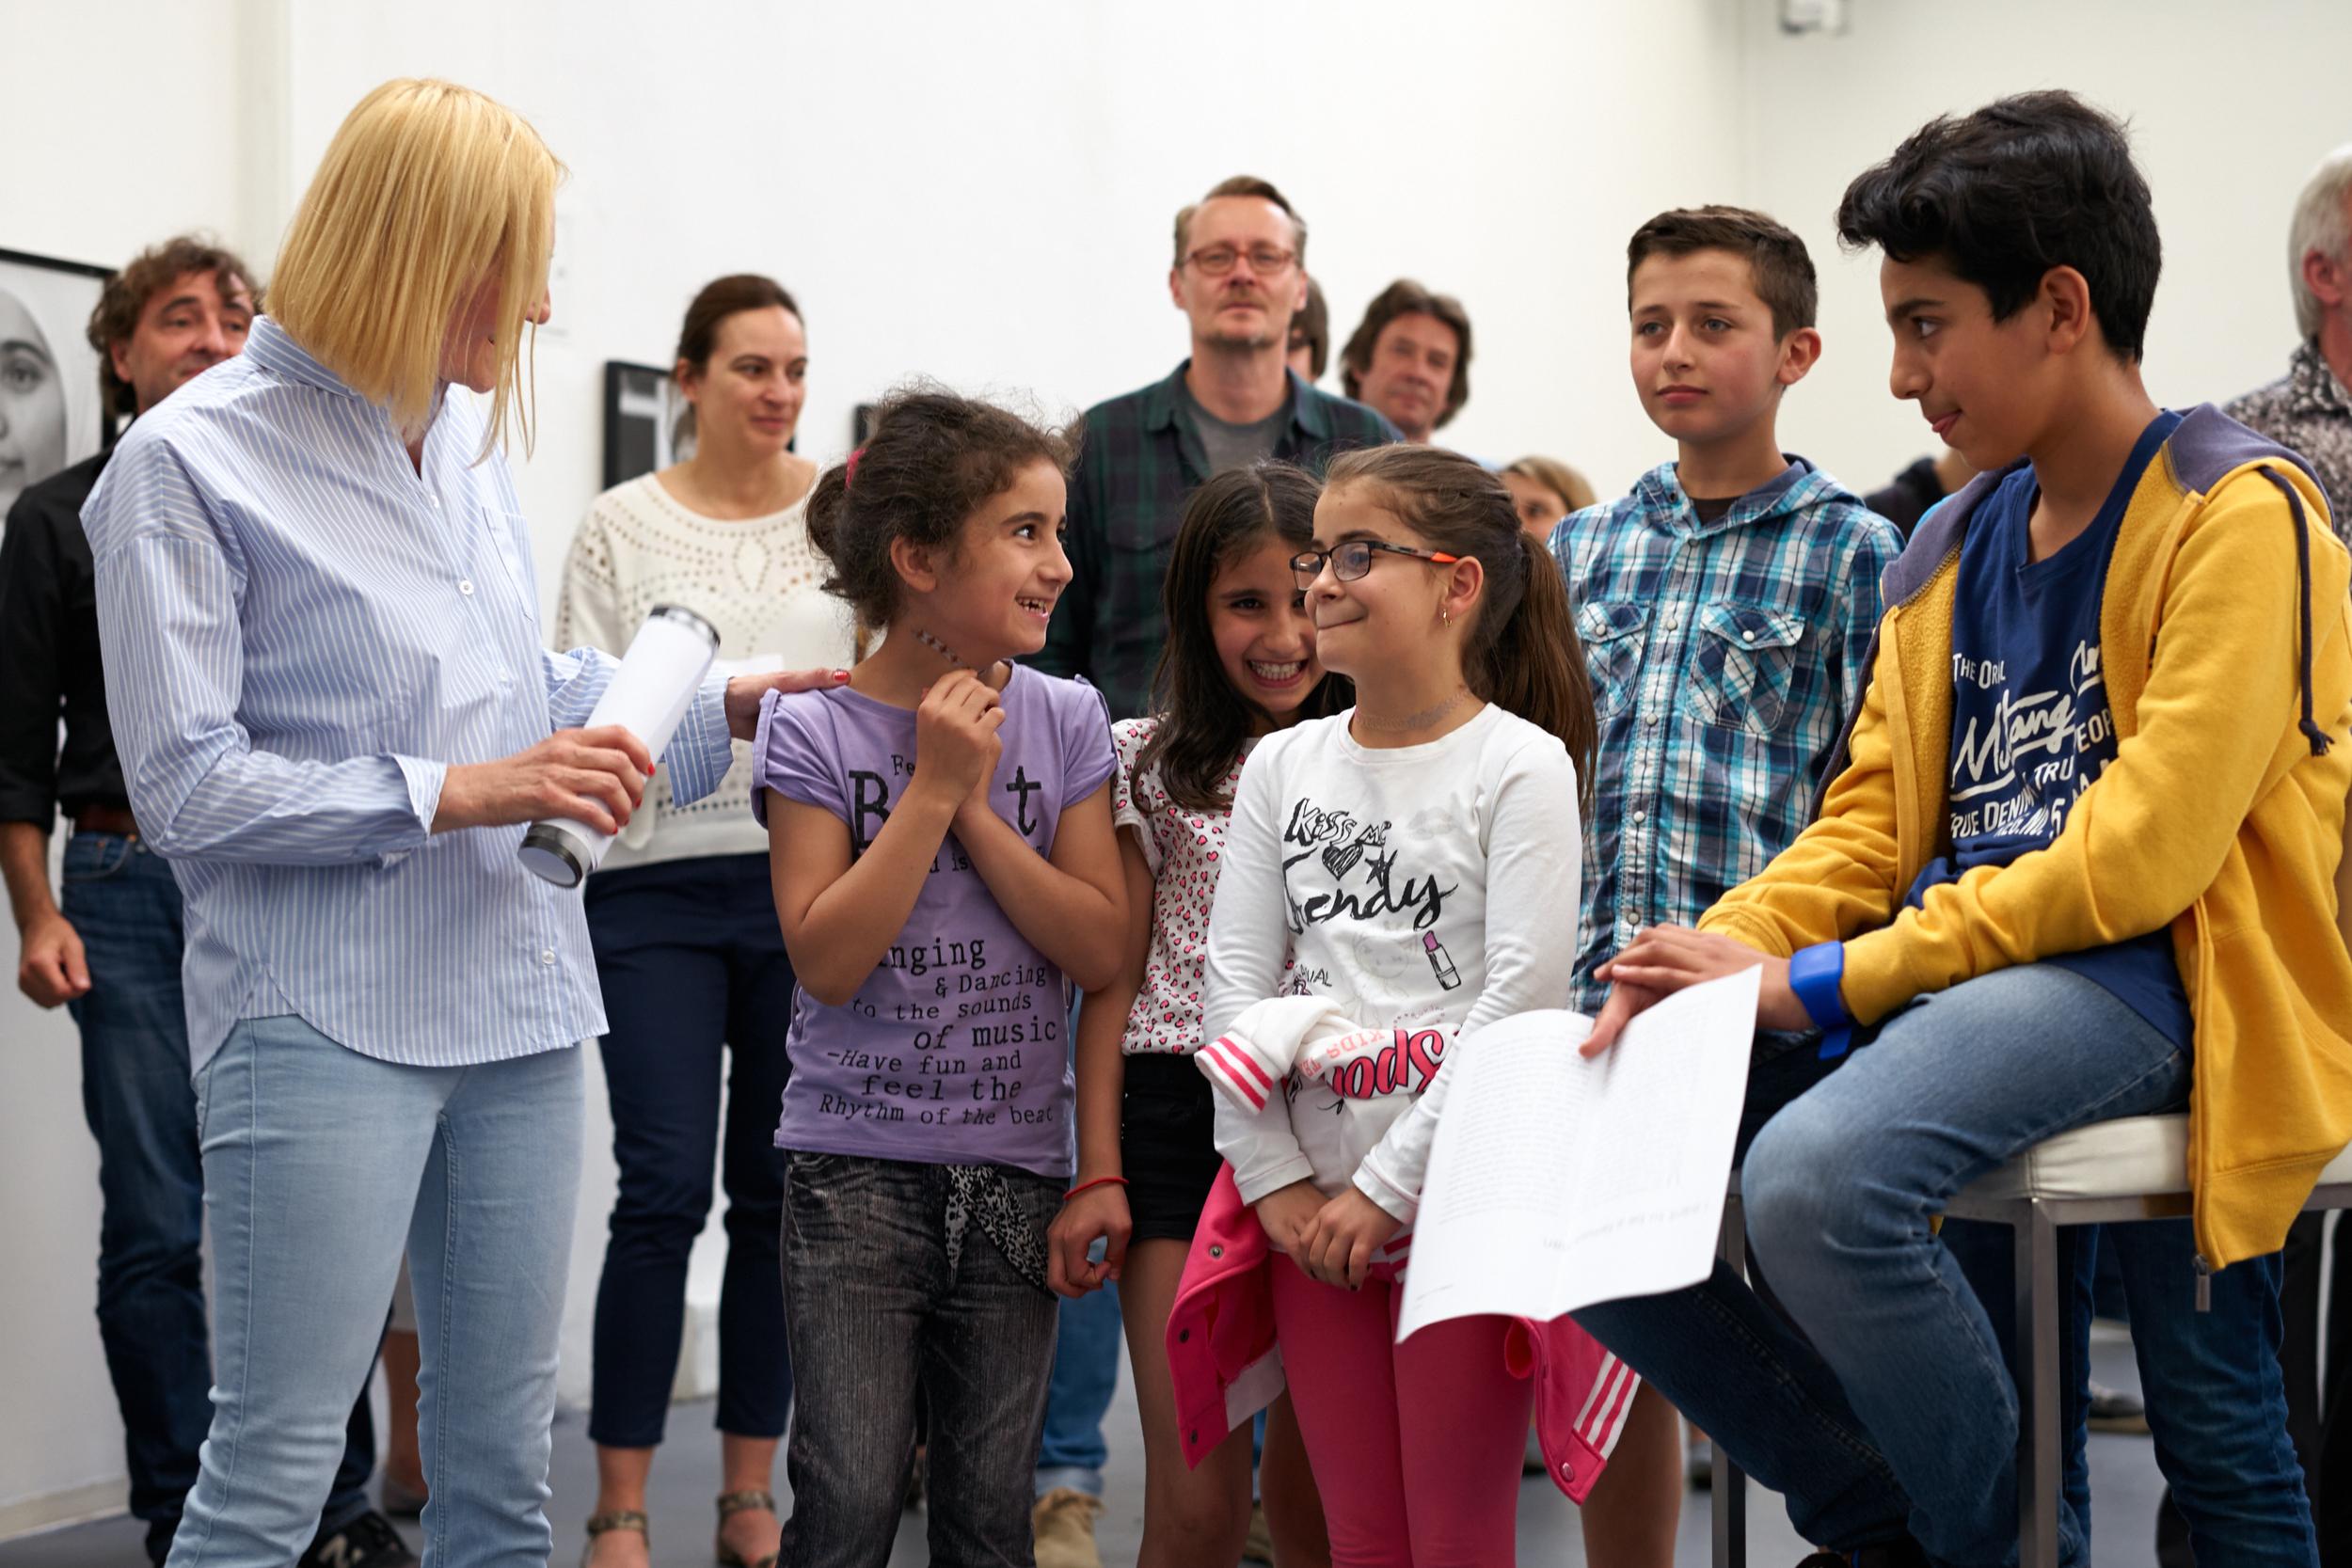 Edith Held mit porträtierten Kindern zur Ausstellungseröffnung_print (3 Mb)     Edith Held mit porträtierten Kindern zur Ausstellungseröffnung_web (925 kb)